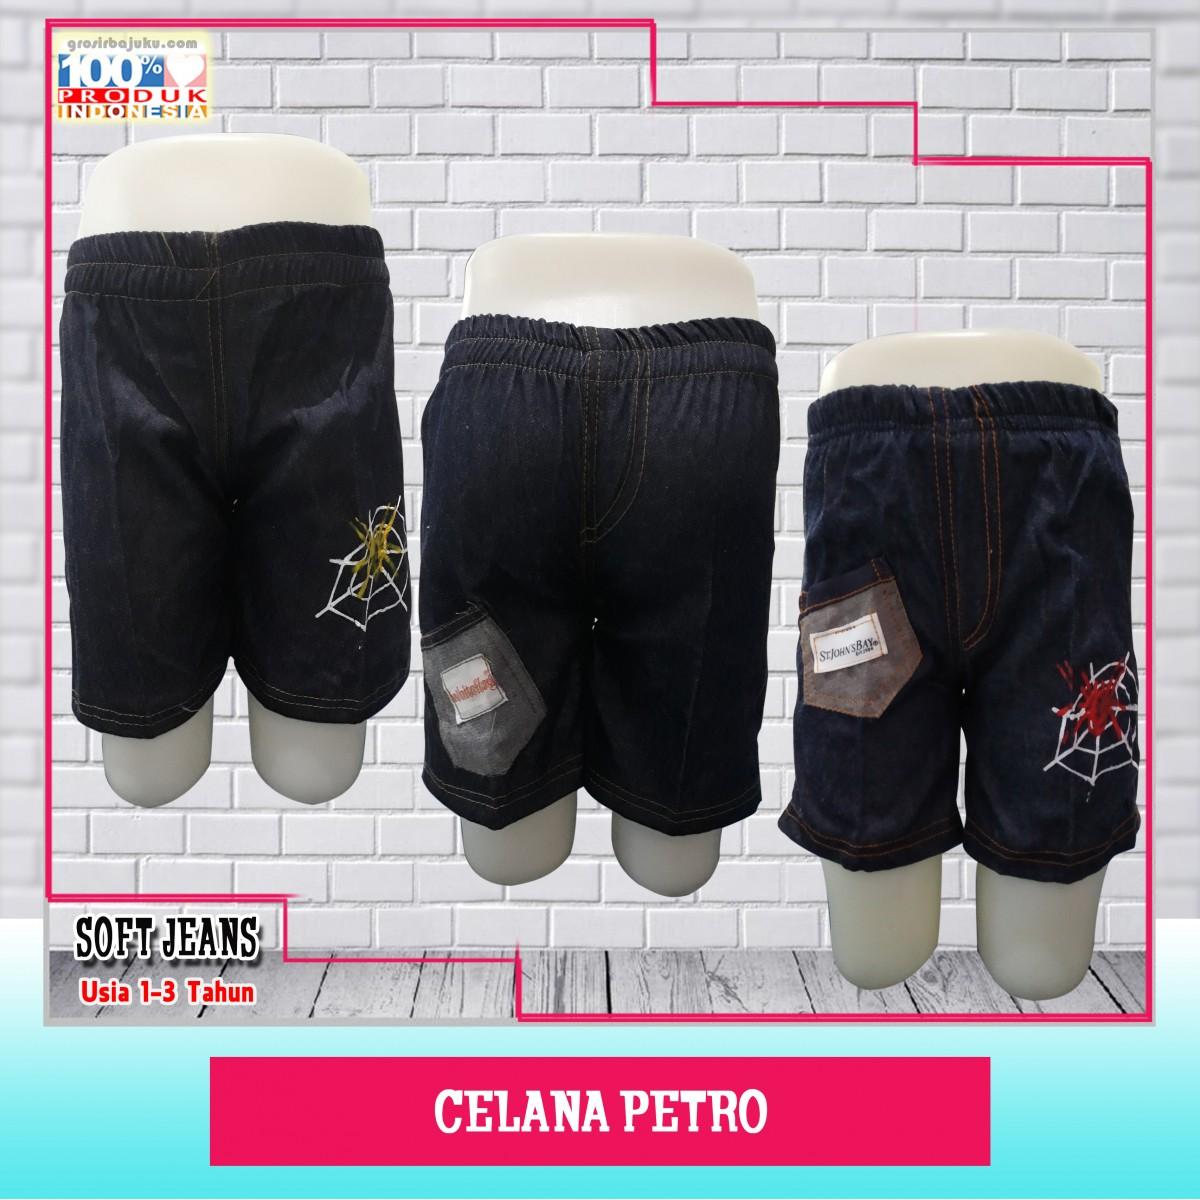 Pusat Grosir Baju Murah Solo Klewer 2019 Distributor Celana Anak Murah di Solo